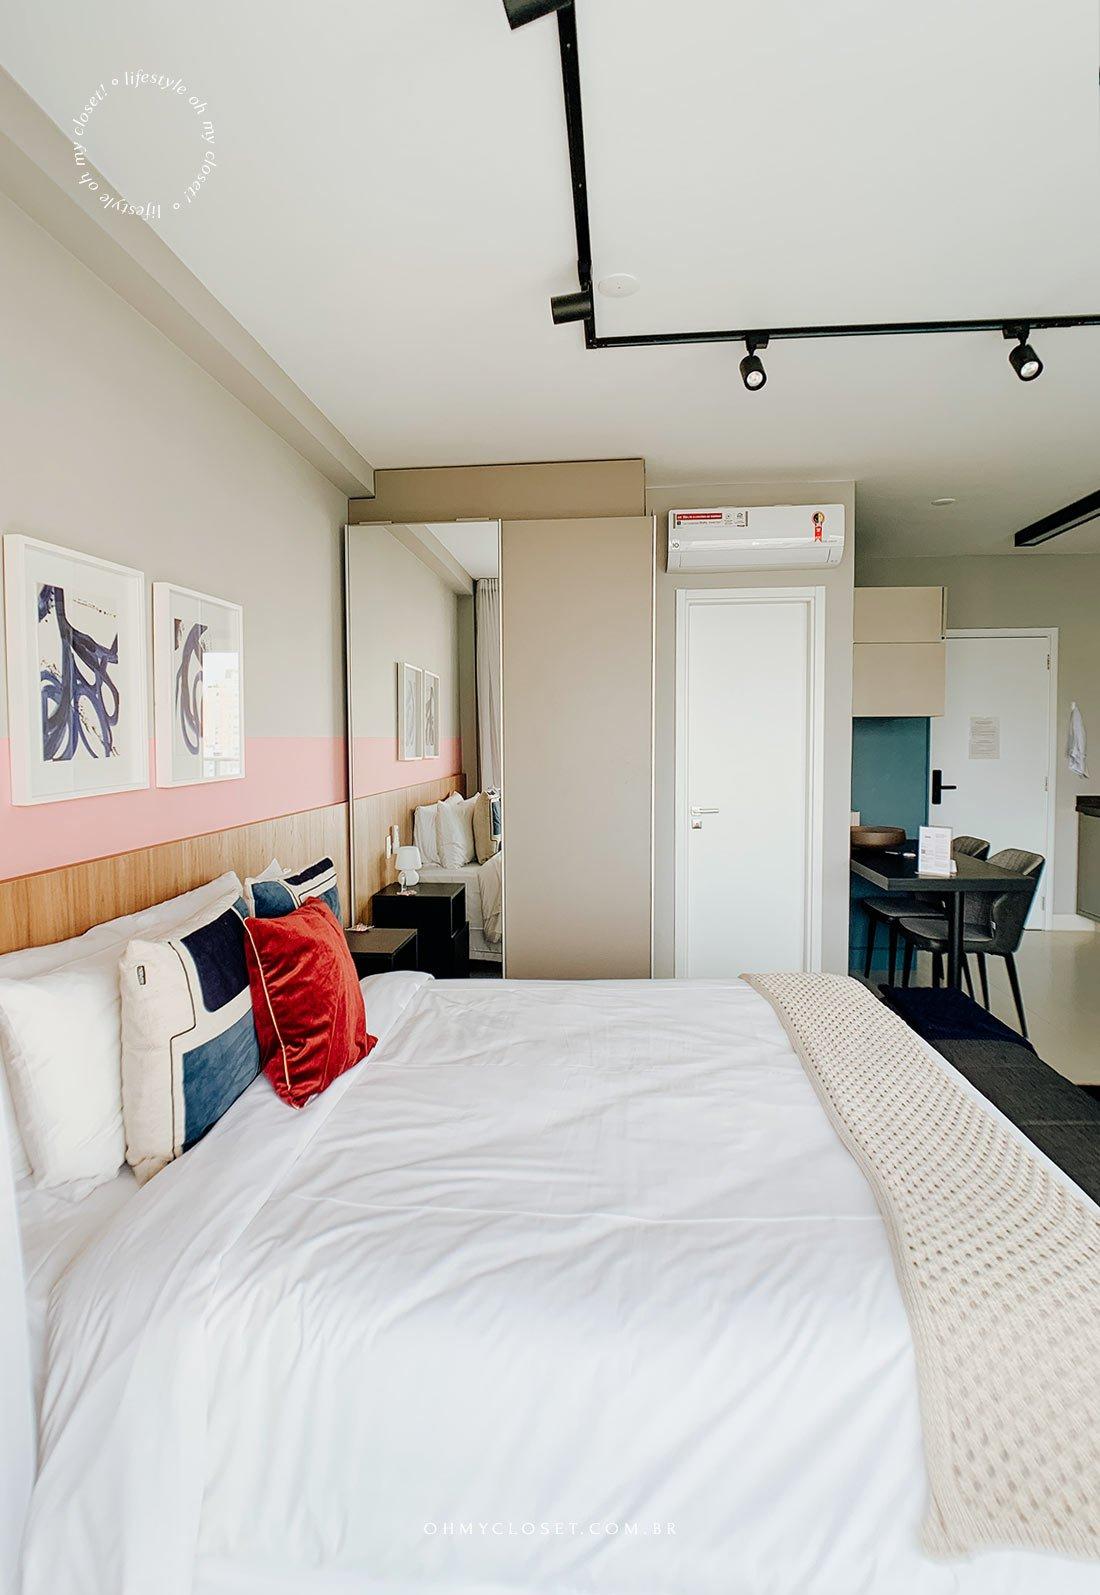 Cama, armário e porta do banheiro apartamento para alugar Casai São Paulo.